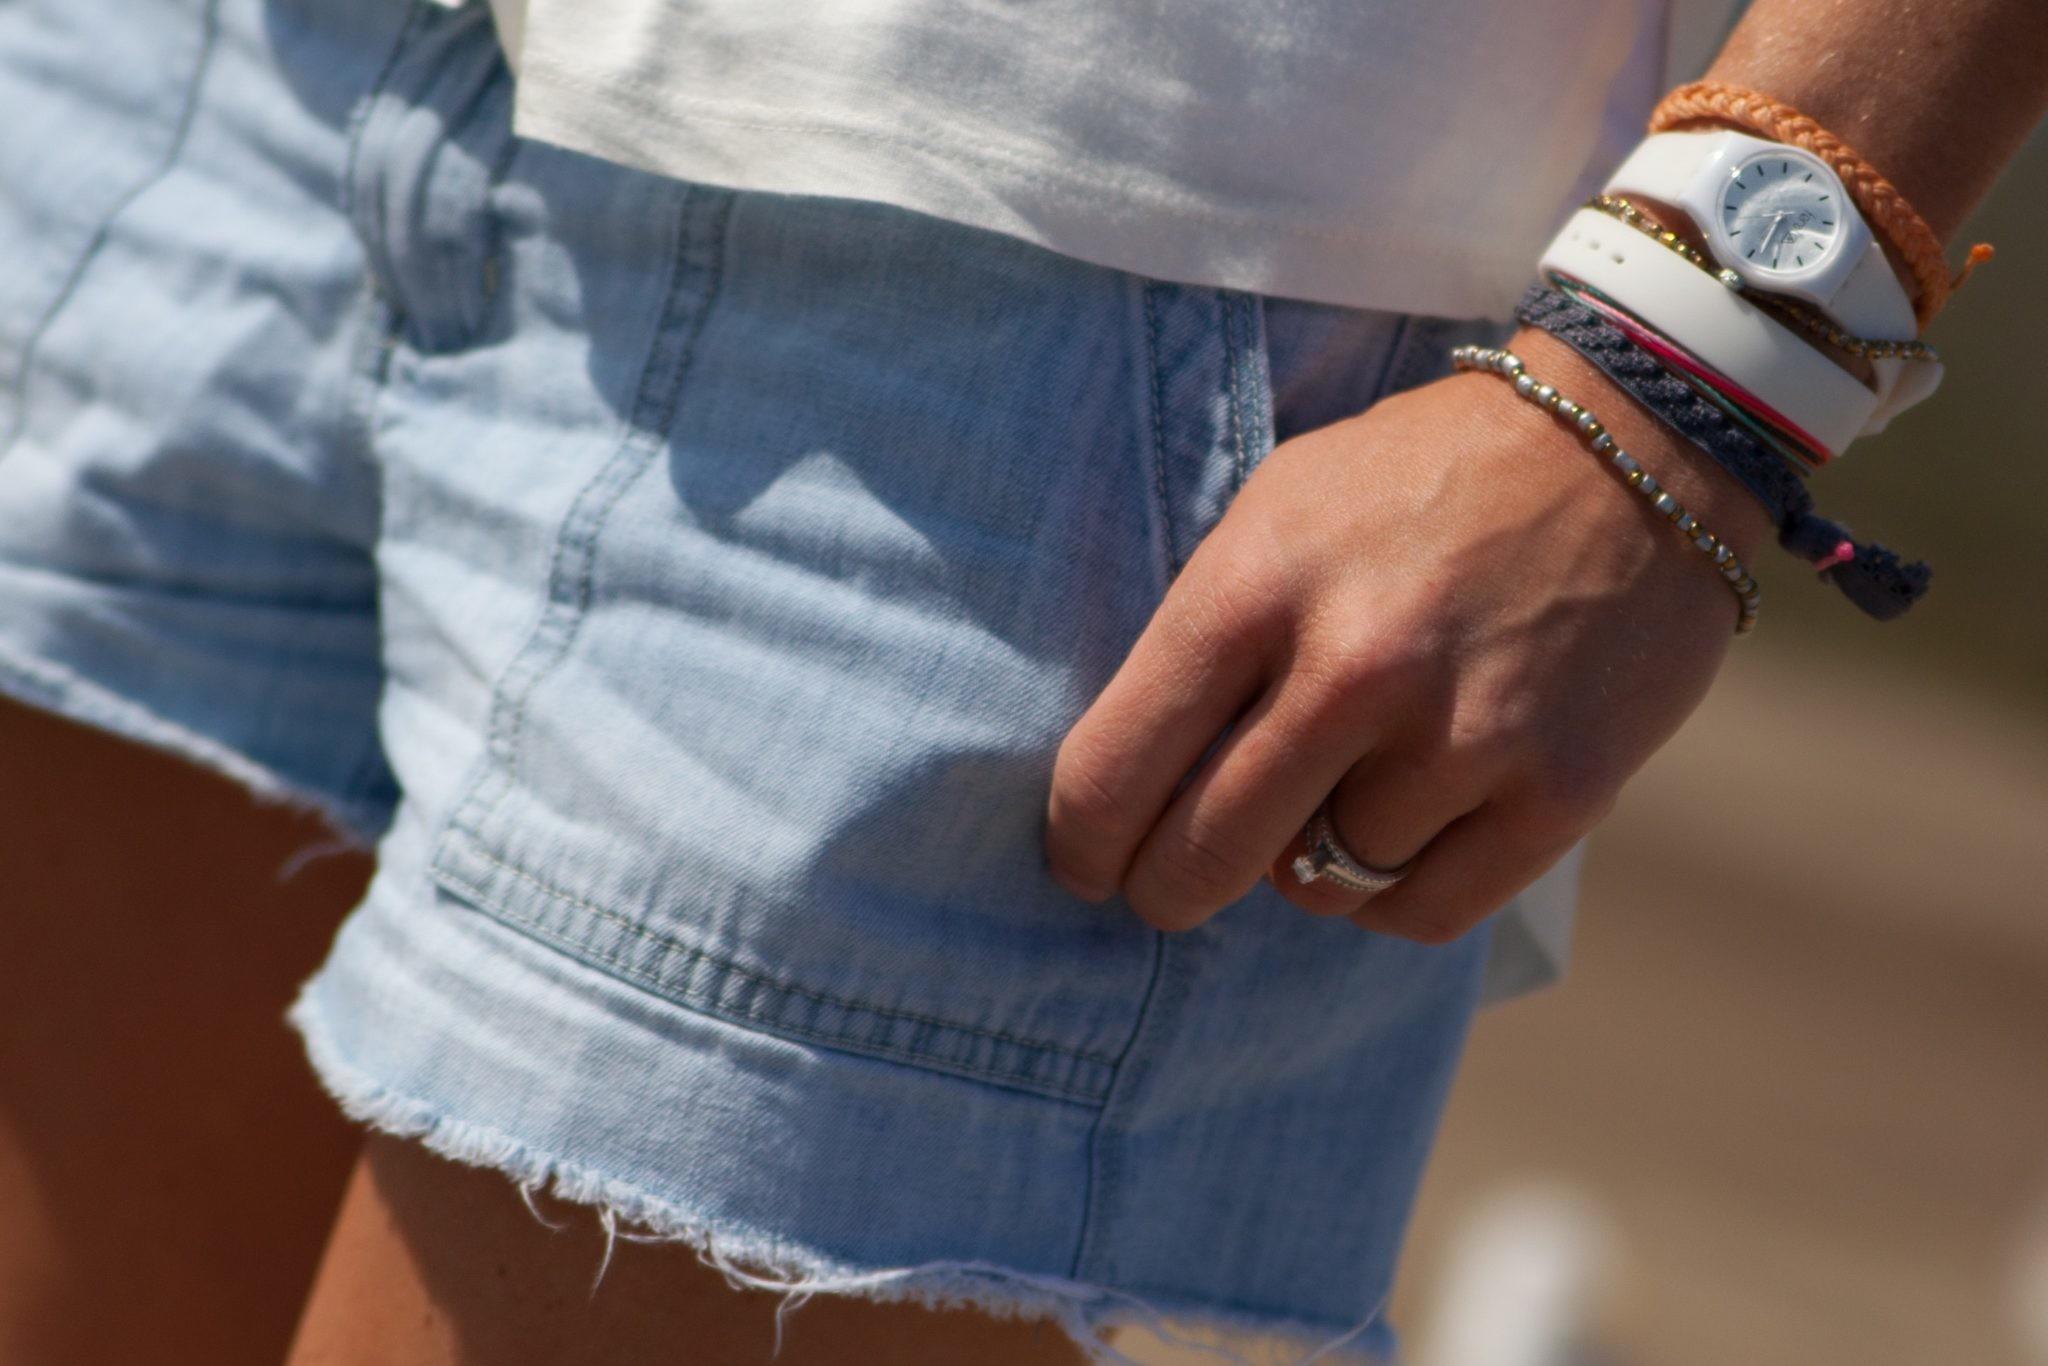 Вопрос стилисту: какие шорты уместно носить в городе летом?